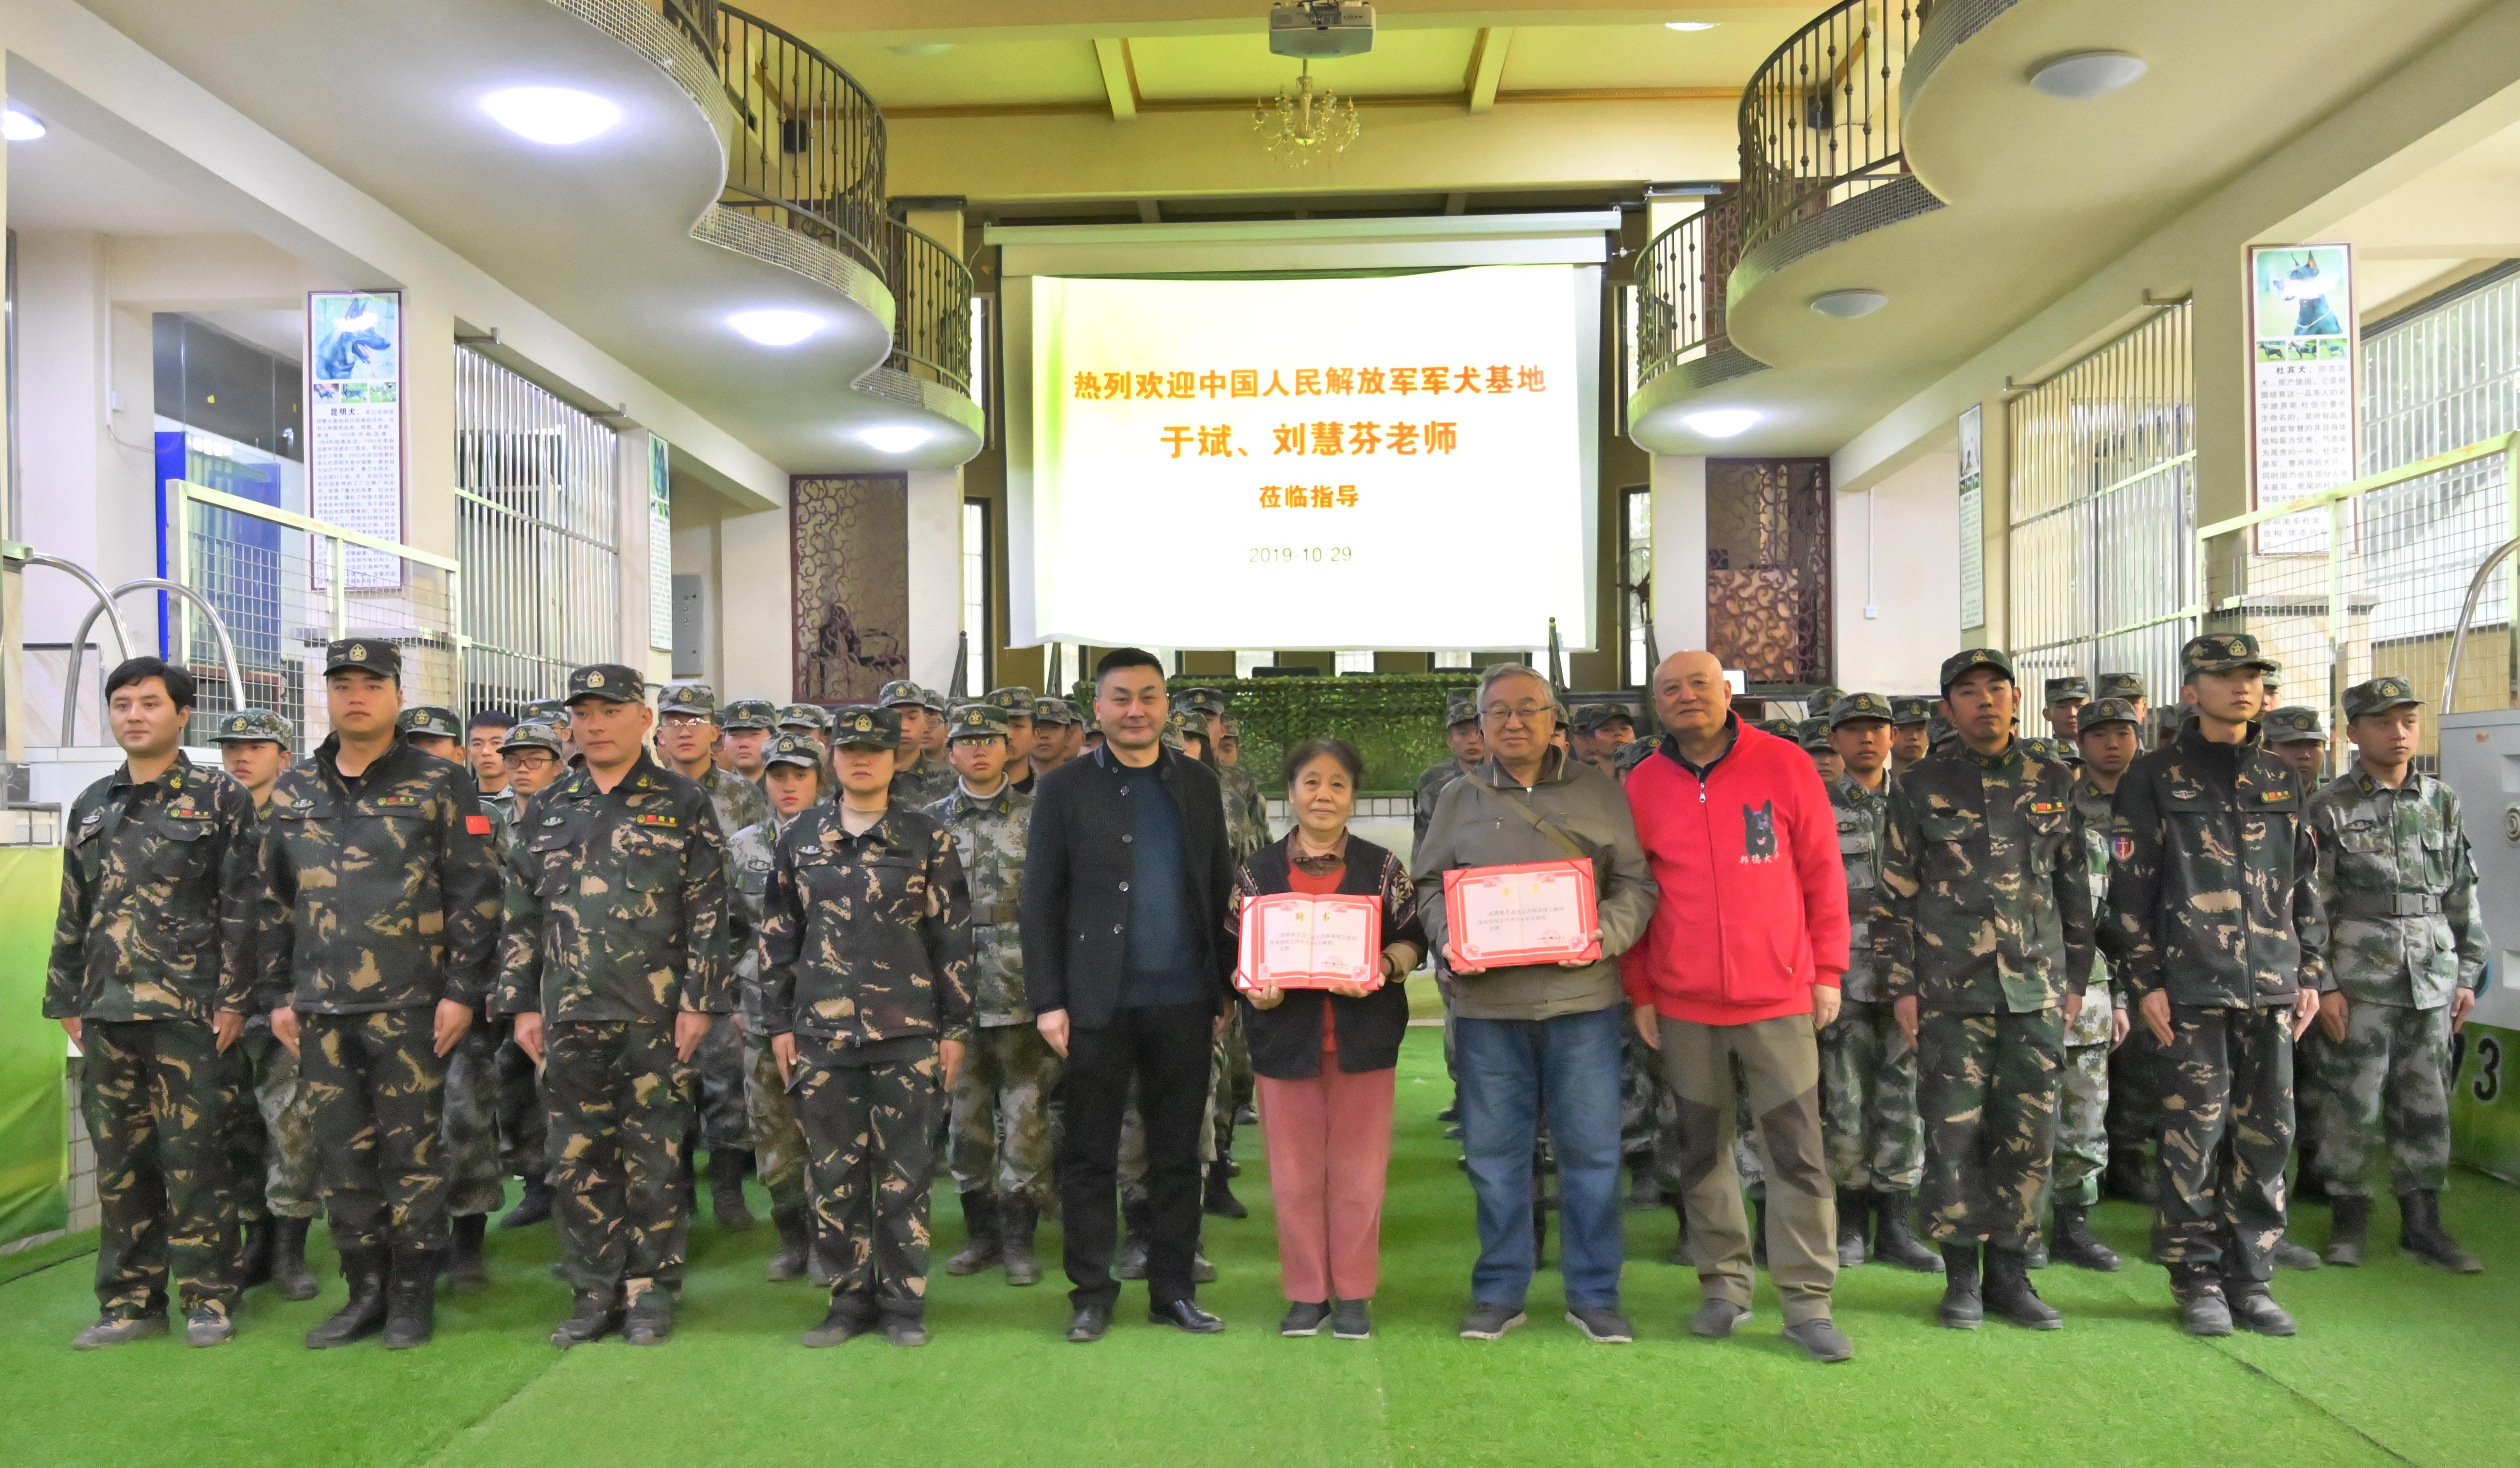 中国人民解放军军犬基地于斌、刘慧芳老师被聘为我校工作犬专业教授